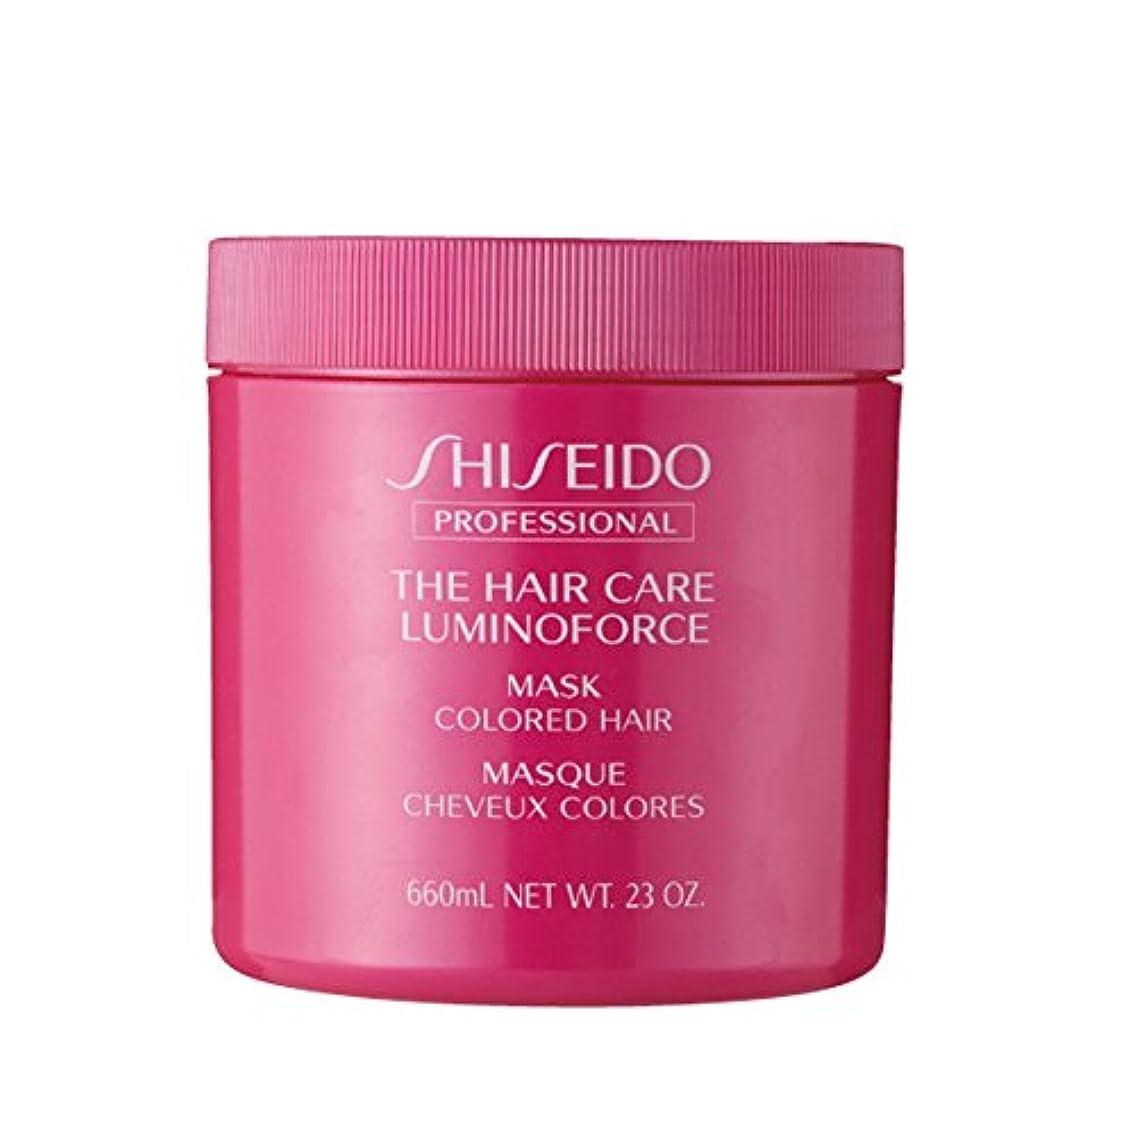 メイン続ける大臣資生堂 THC ルミノフォース マスク 680g ヘアカラーを繰り返したごわついた髪を、 芯からしなやかでつややかな髪へ SHISEIDO LUMINOFORCE